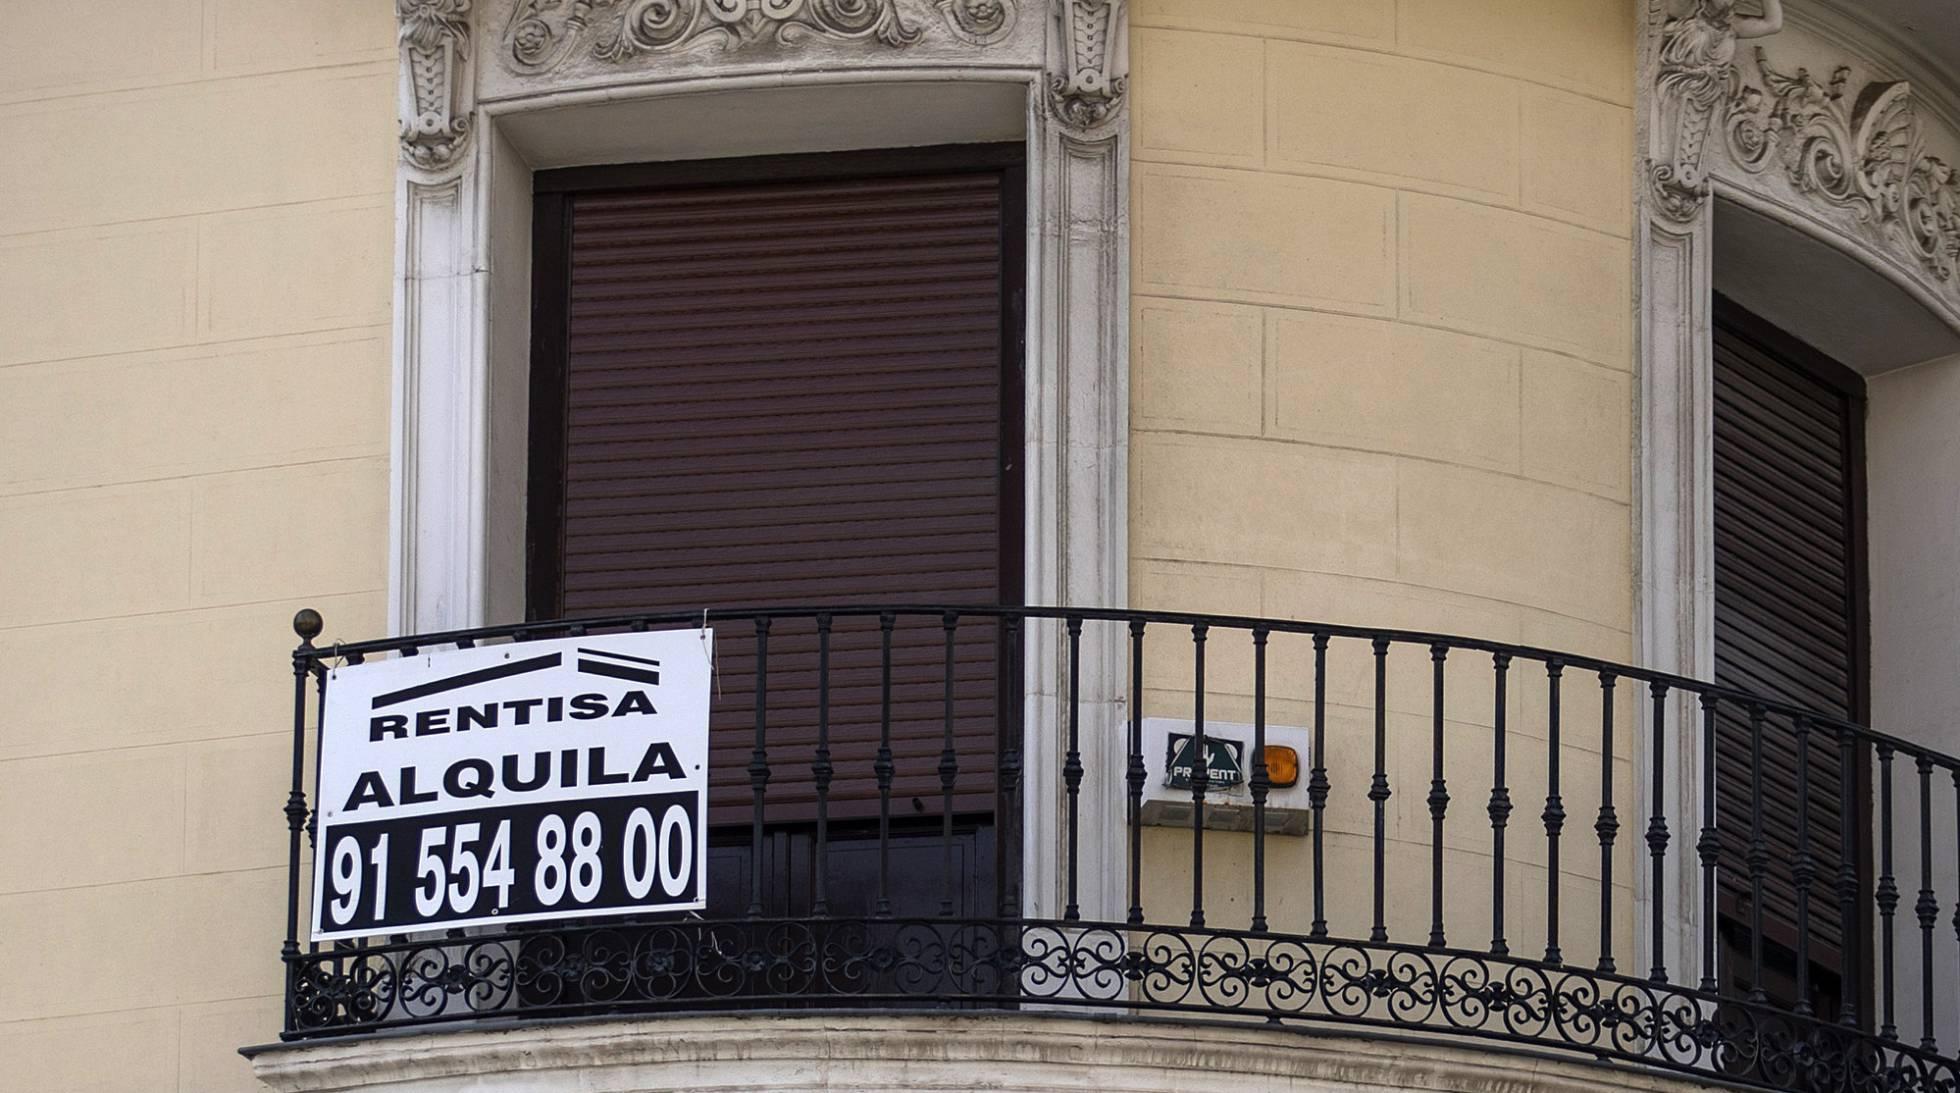 Sánchez intenta sortear el bloqueo político y económico para rebajar los alquileres